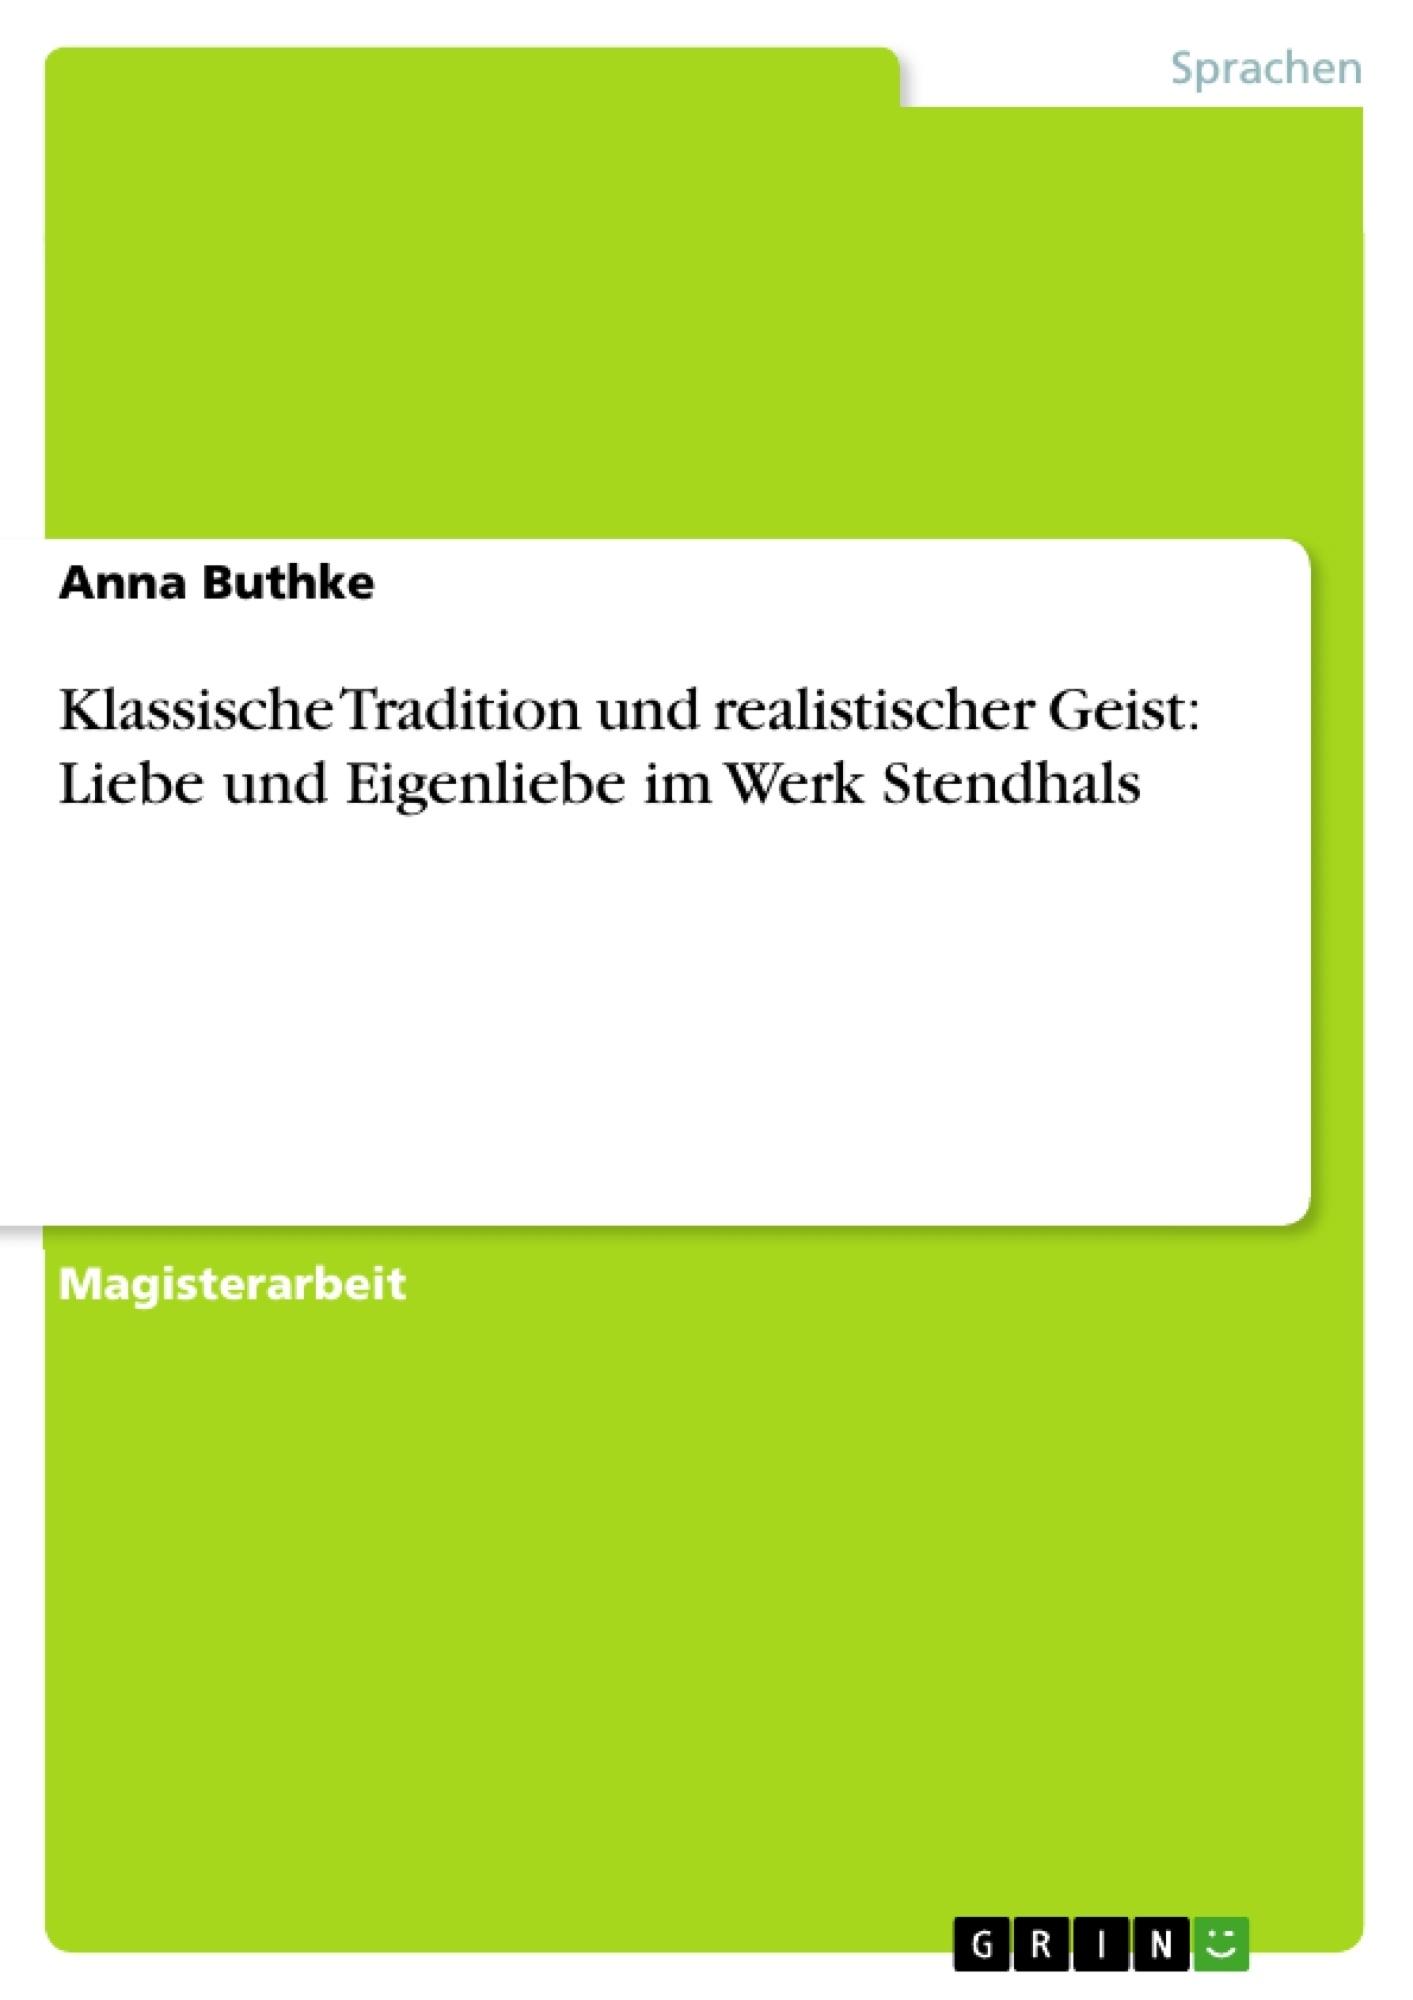 Titel: Klassische Tradition und realistischer Geist: Liebe und Eigenliebe im Werk Stendhals